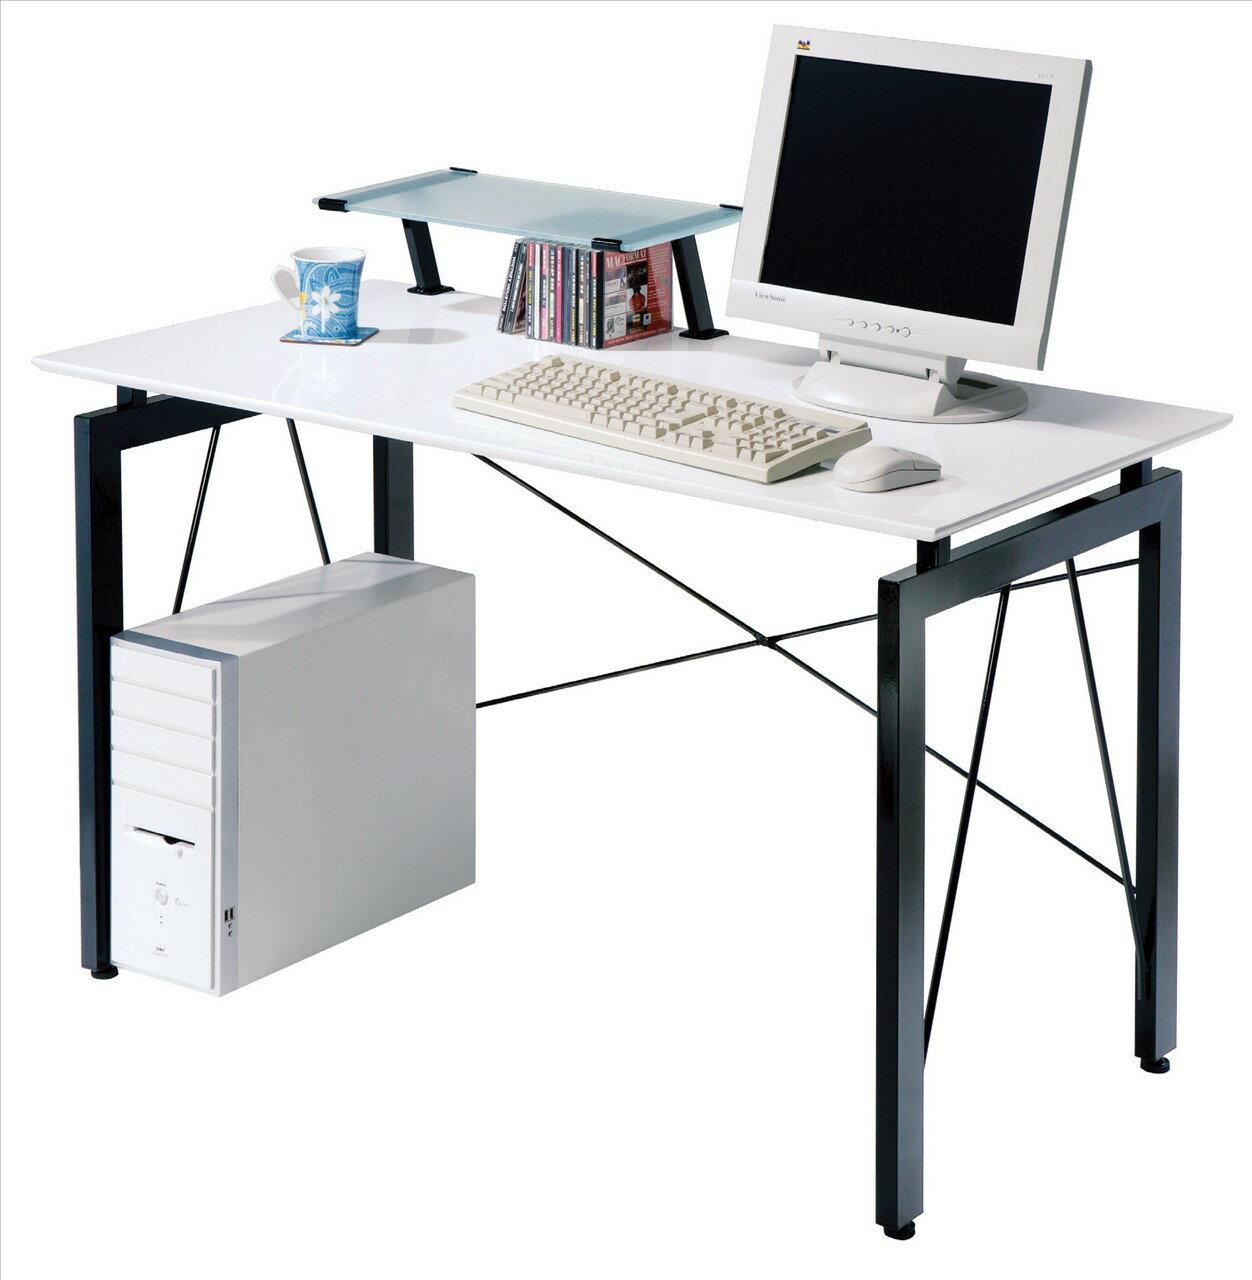 【石川家居】KF-883-2 歐雪4尺白色鋼烤電腦桌(含上架)(不含其他商品) 需搭配車趟